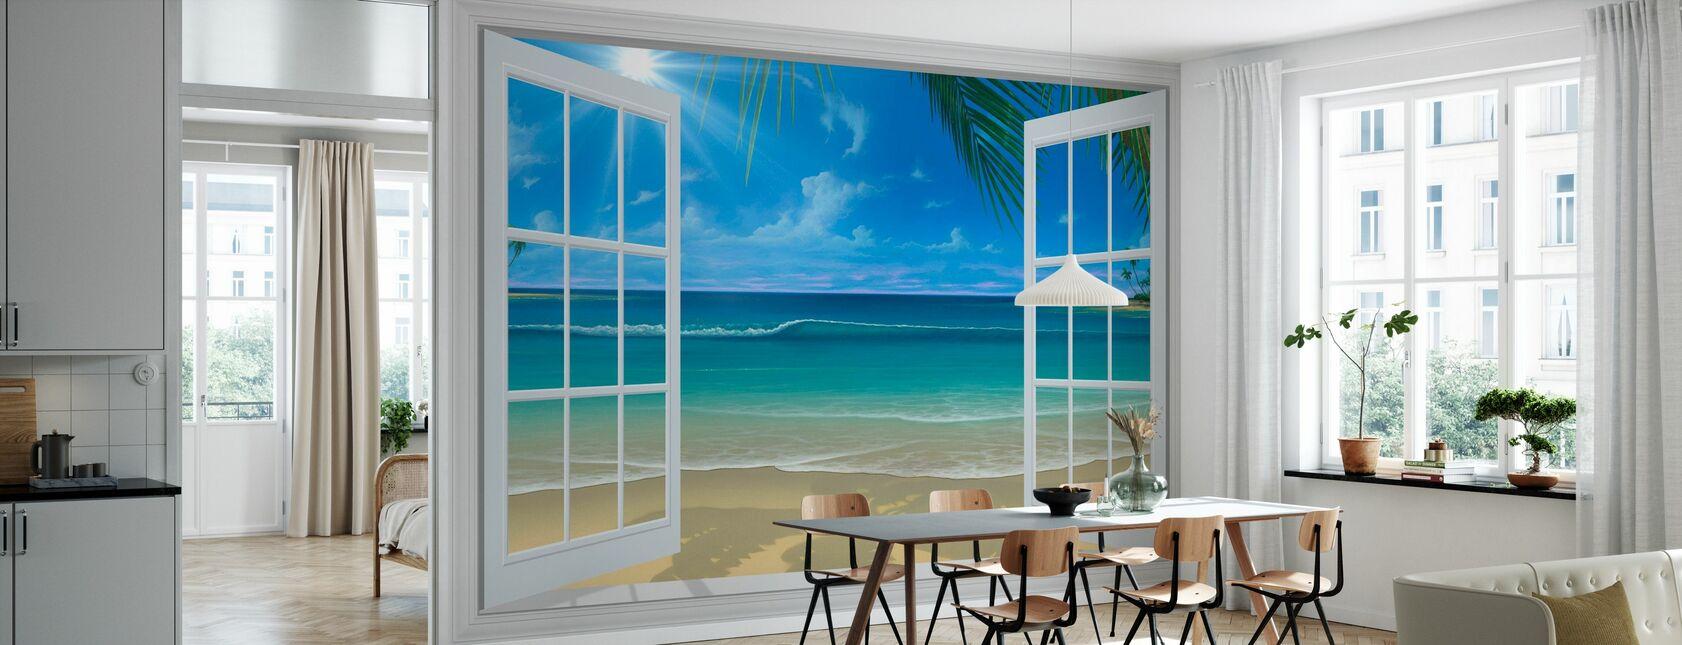 Sunshine Through Window - Wallpaper - Kitchen